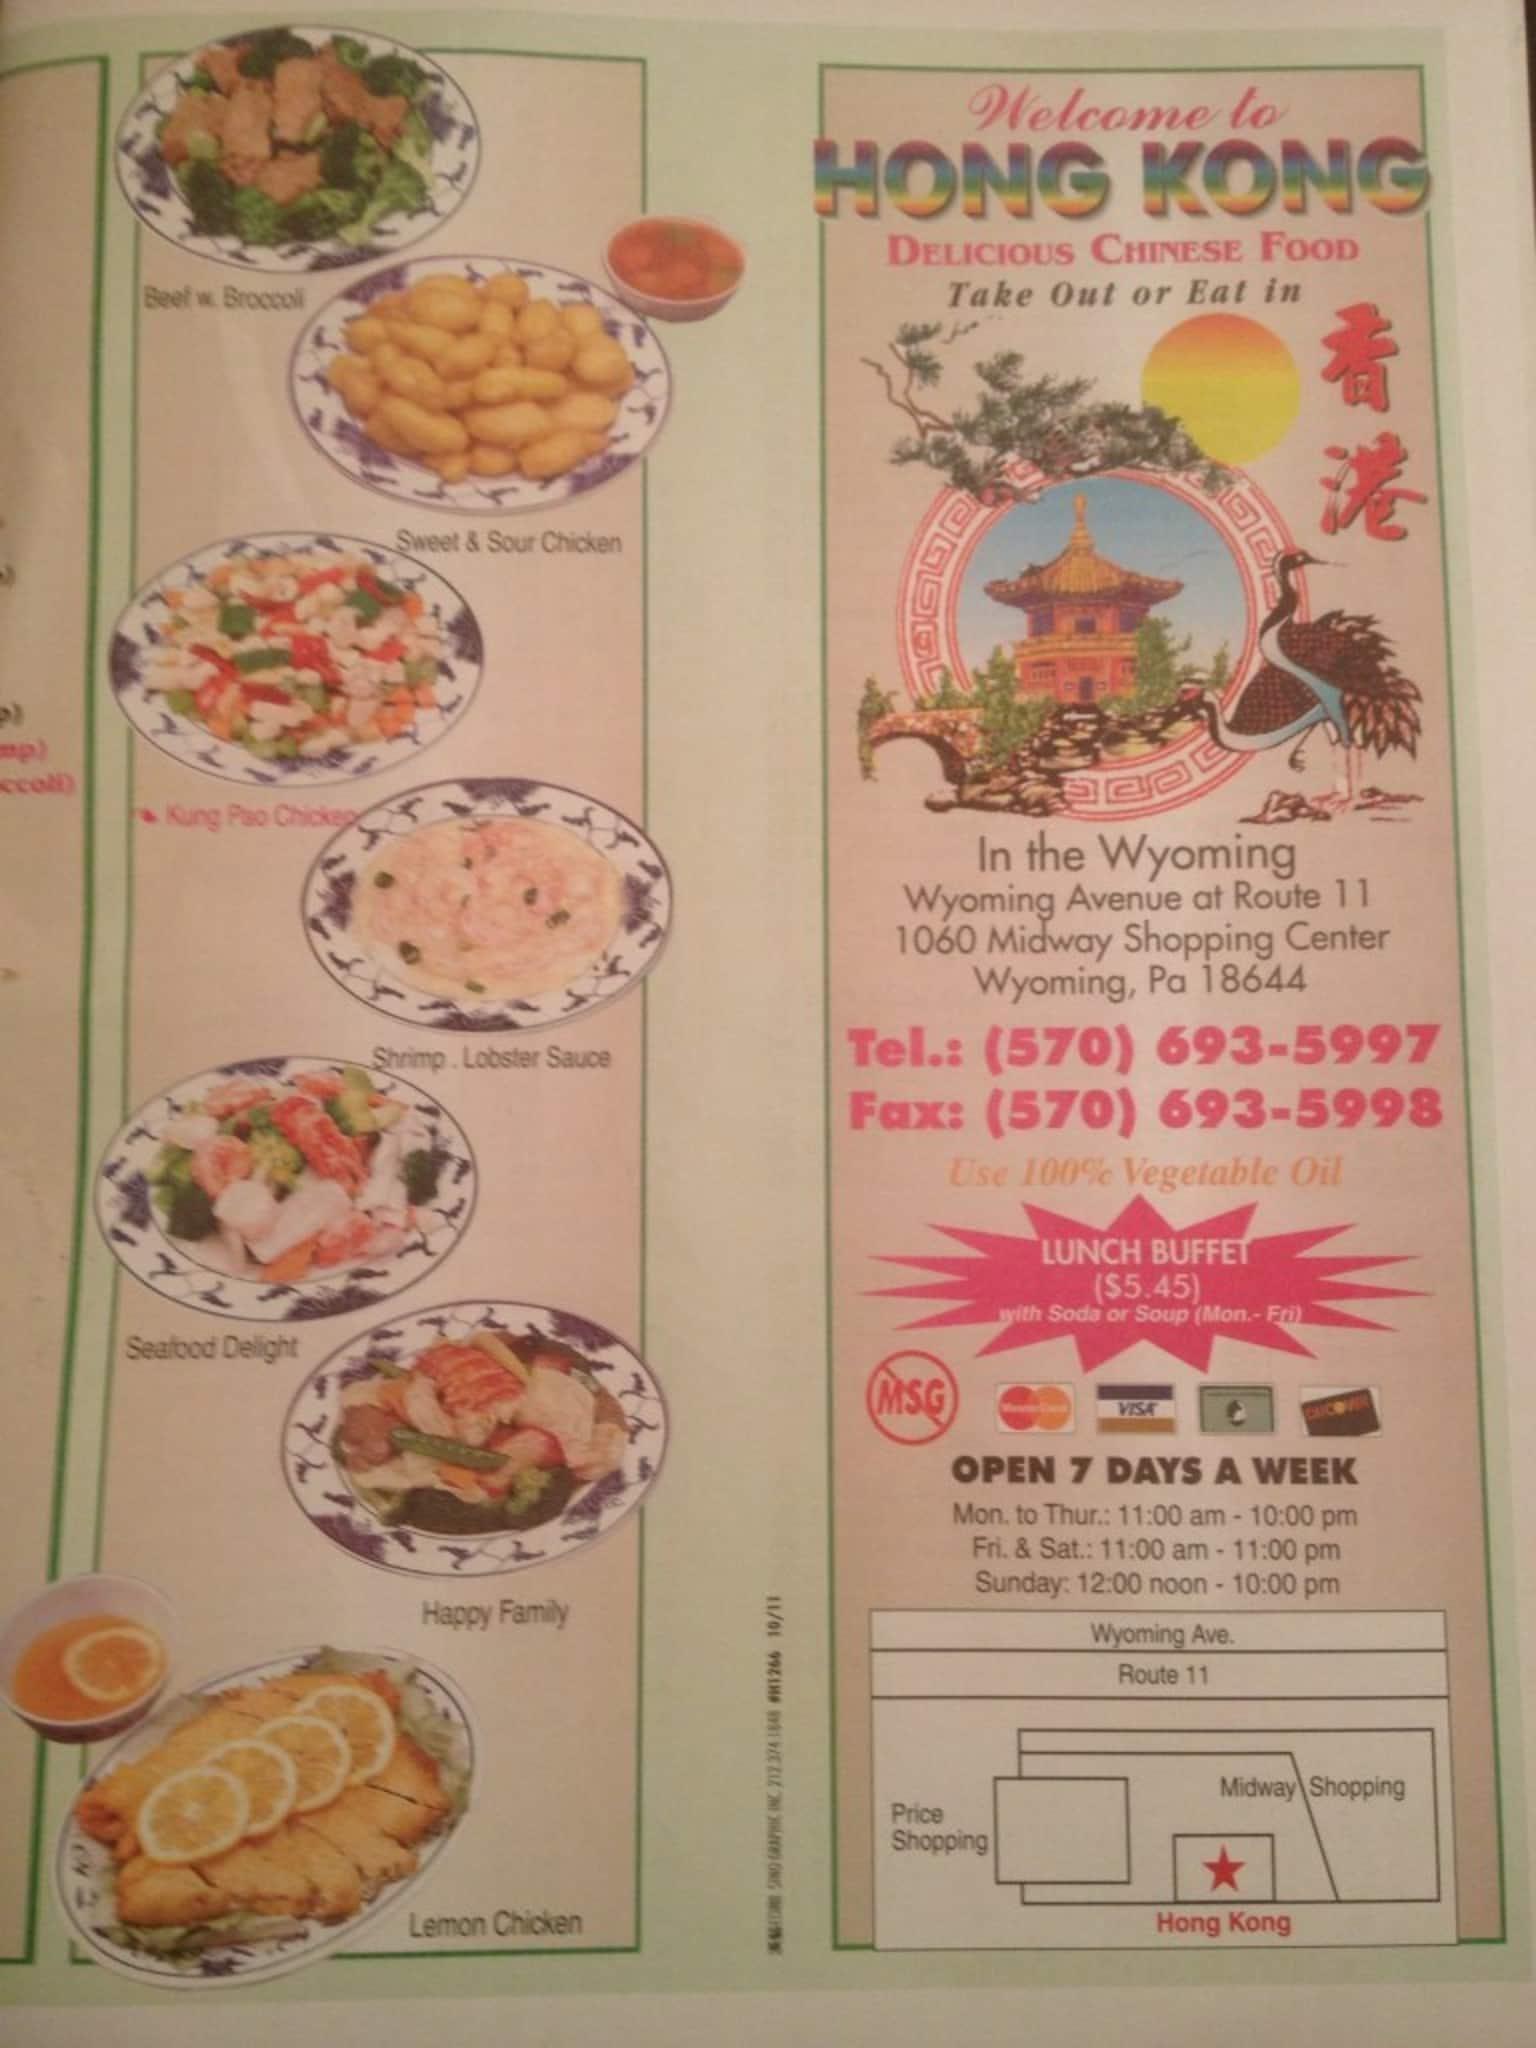 Hong Kong Restaurant Menu Menu For Hong Kong Restaurant Wyoming Scranton